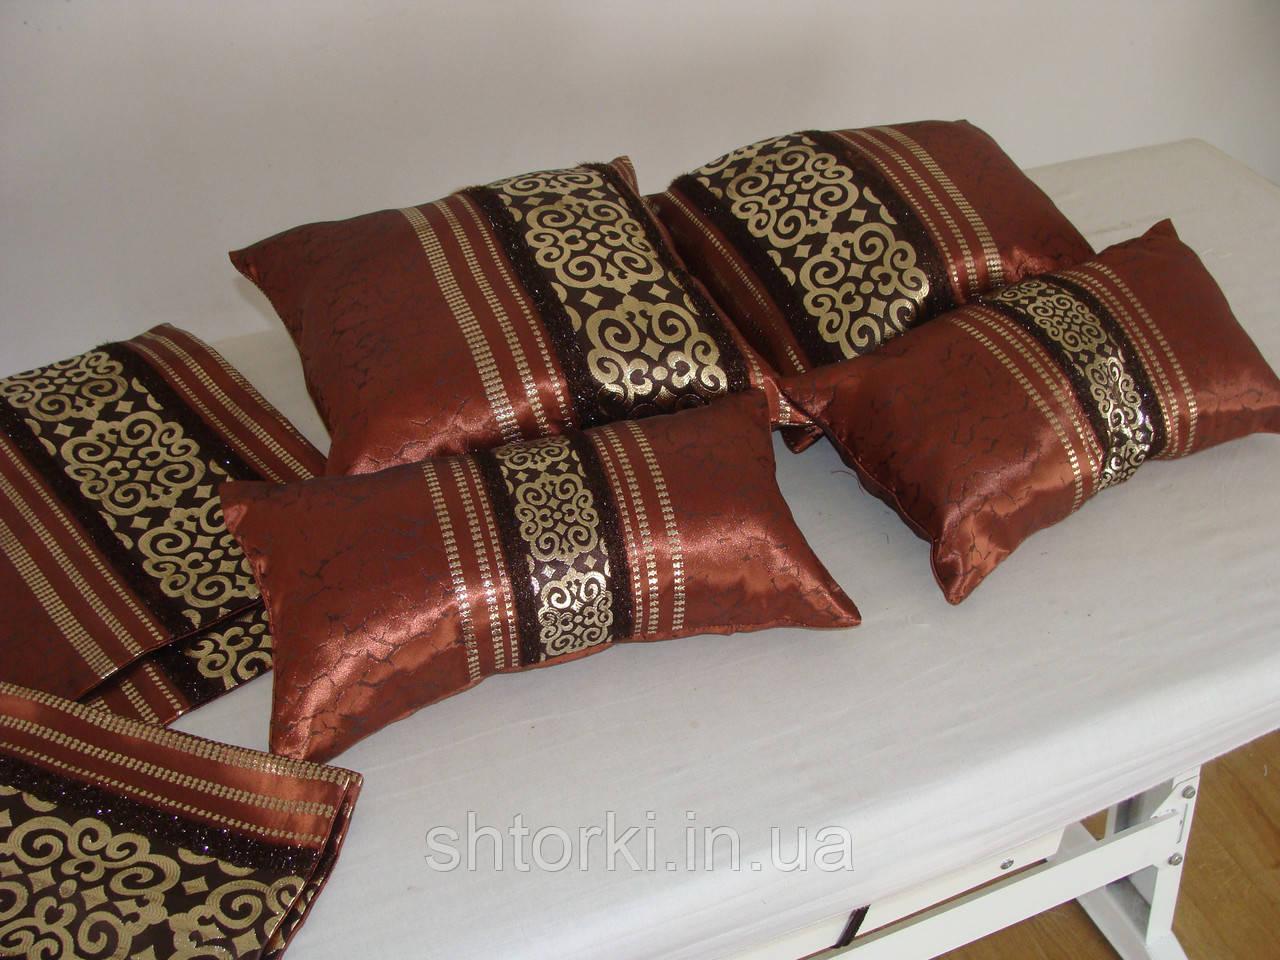 Комплект подушек коричневые   4шт